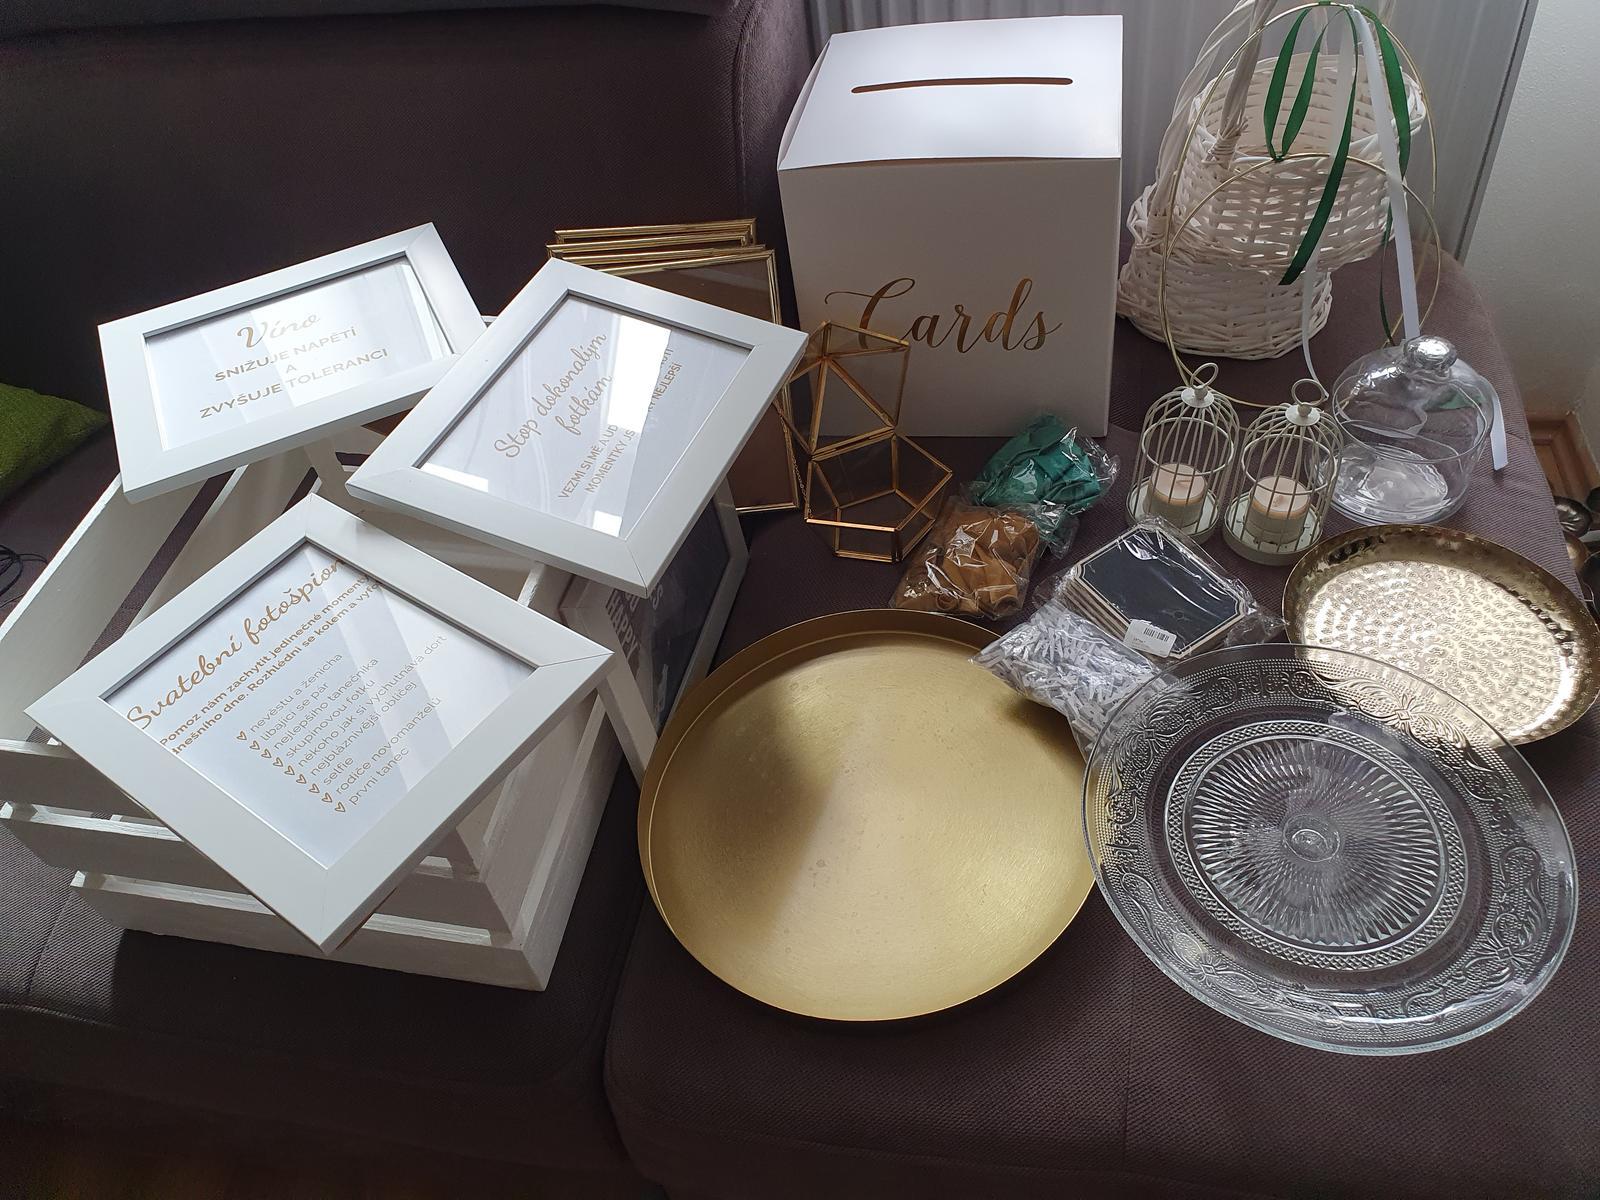 bilo - zeleno -zlate svatebni dekorace a doplňky - Obrázek č. 2